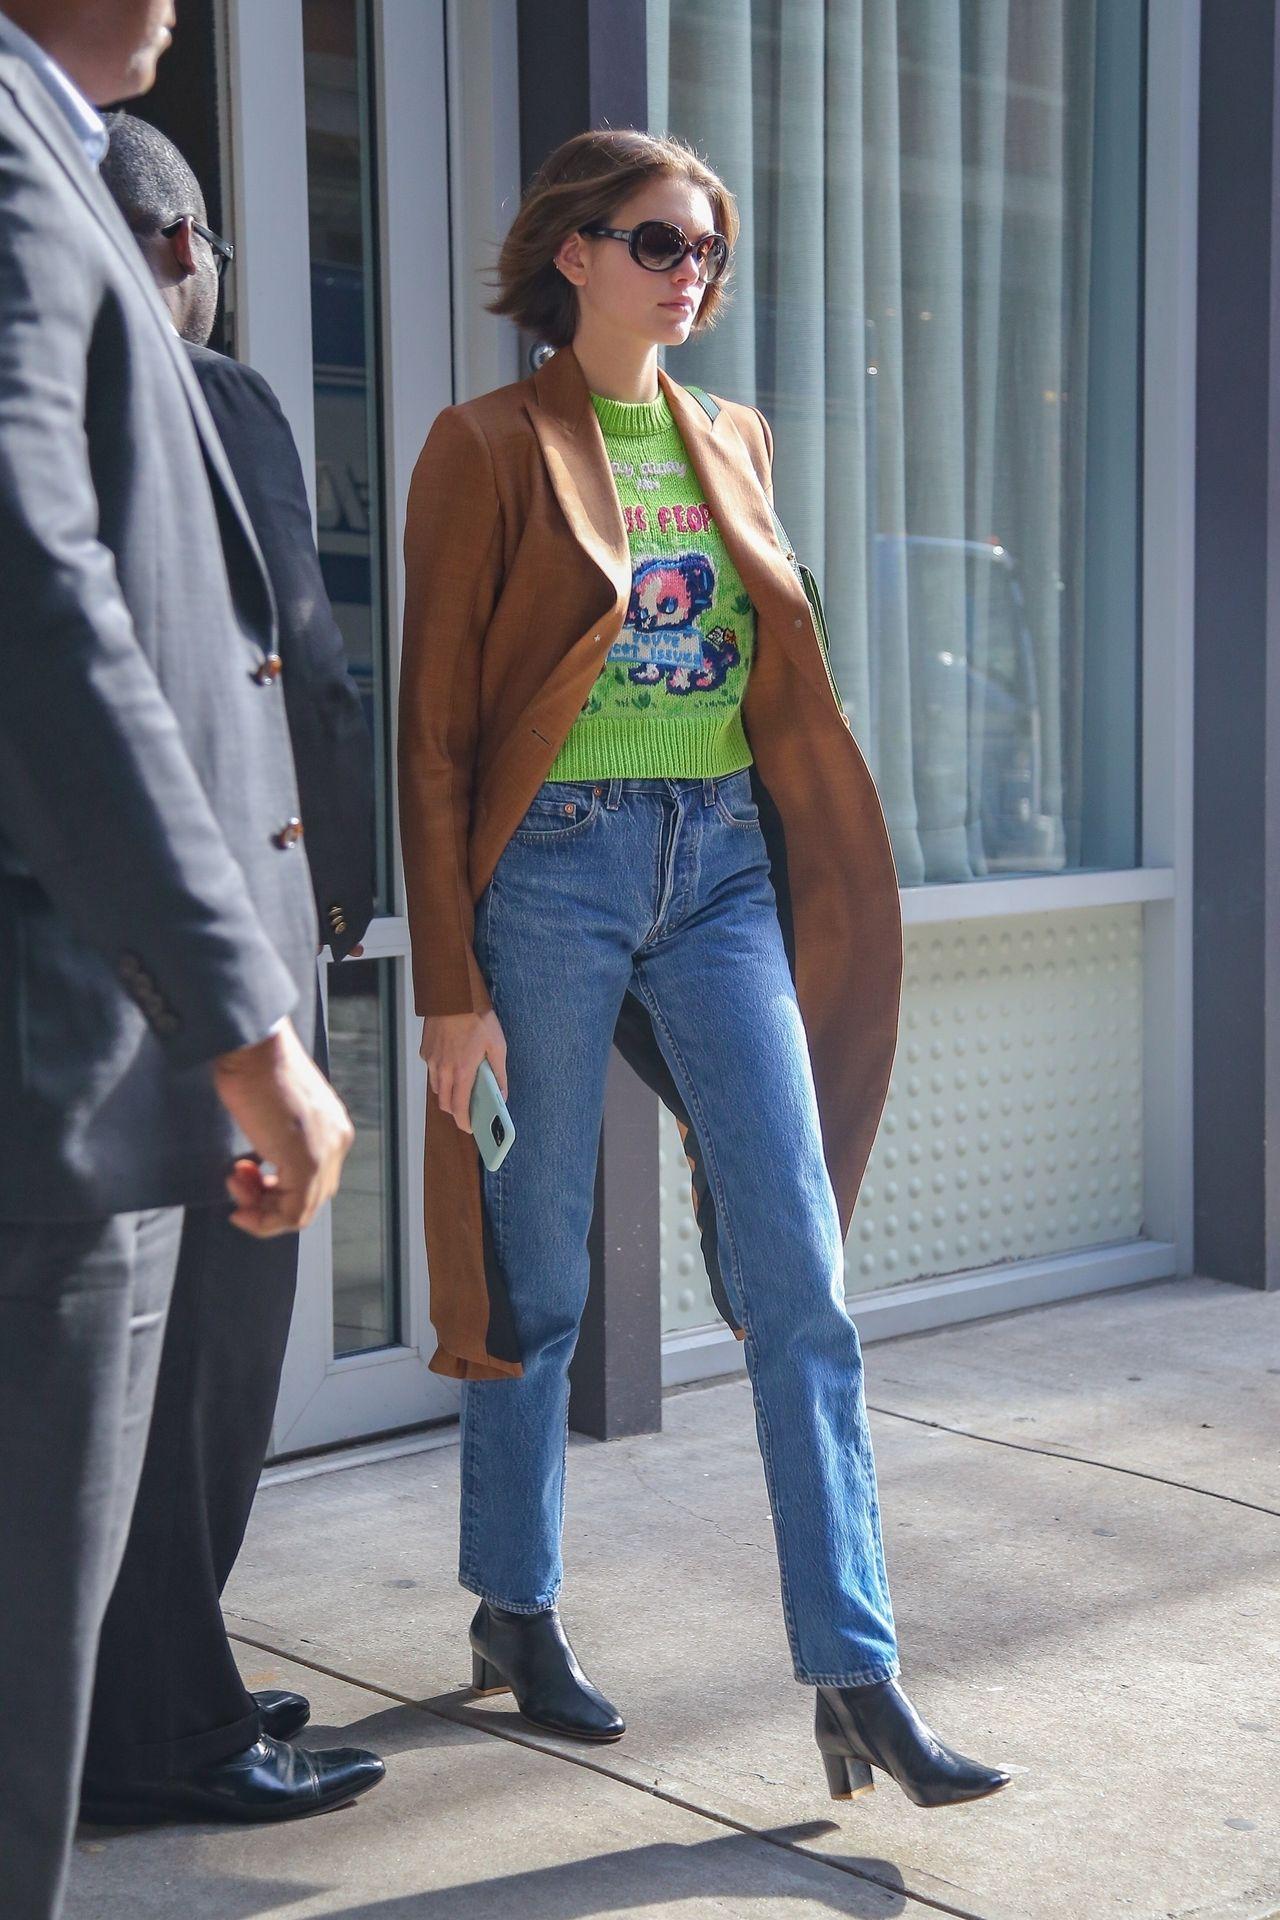 Kaia Gerber w zielonym swetrze i camelowym płaszczu przyłapana przez fotoreporterów.